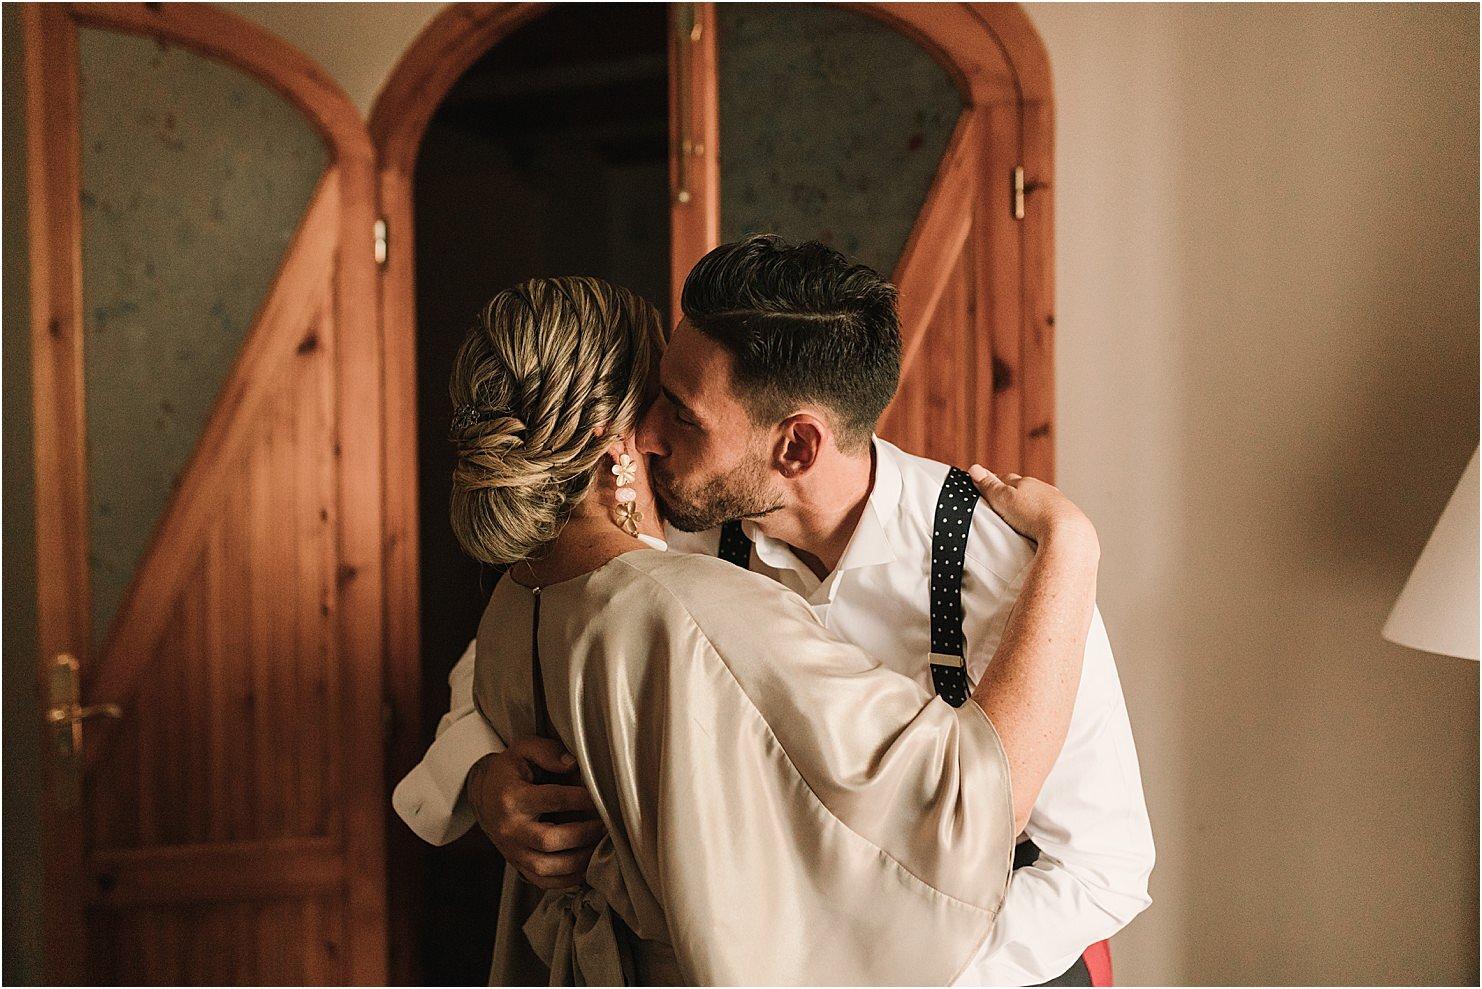 boda-boho-vestido-de-novia-boho-12.jpg